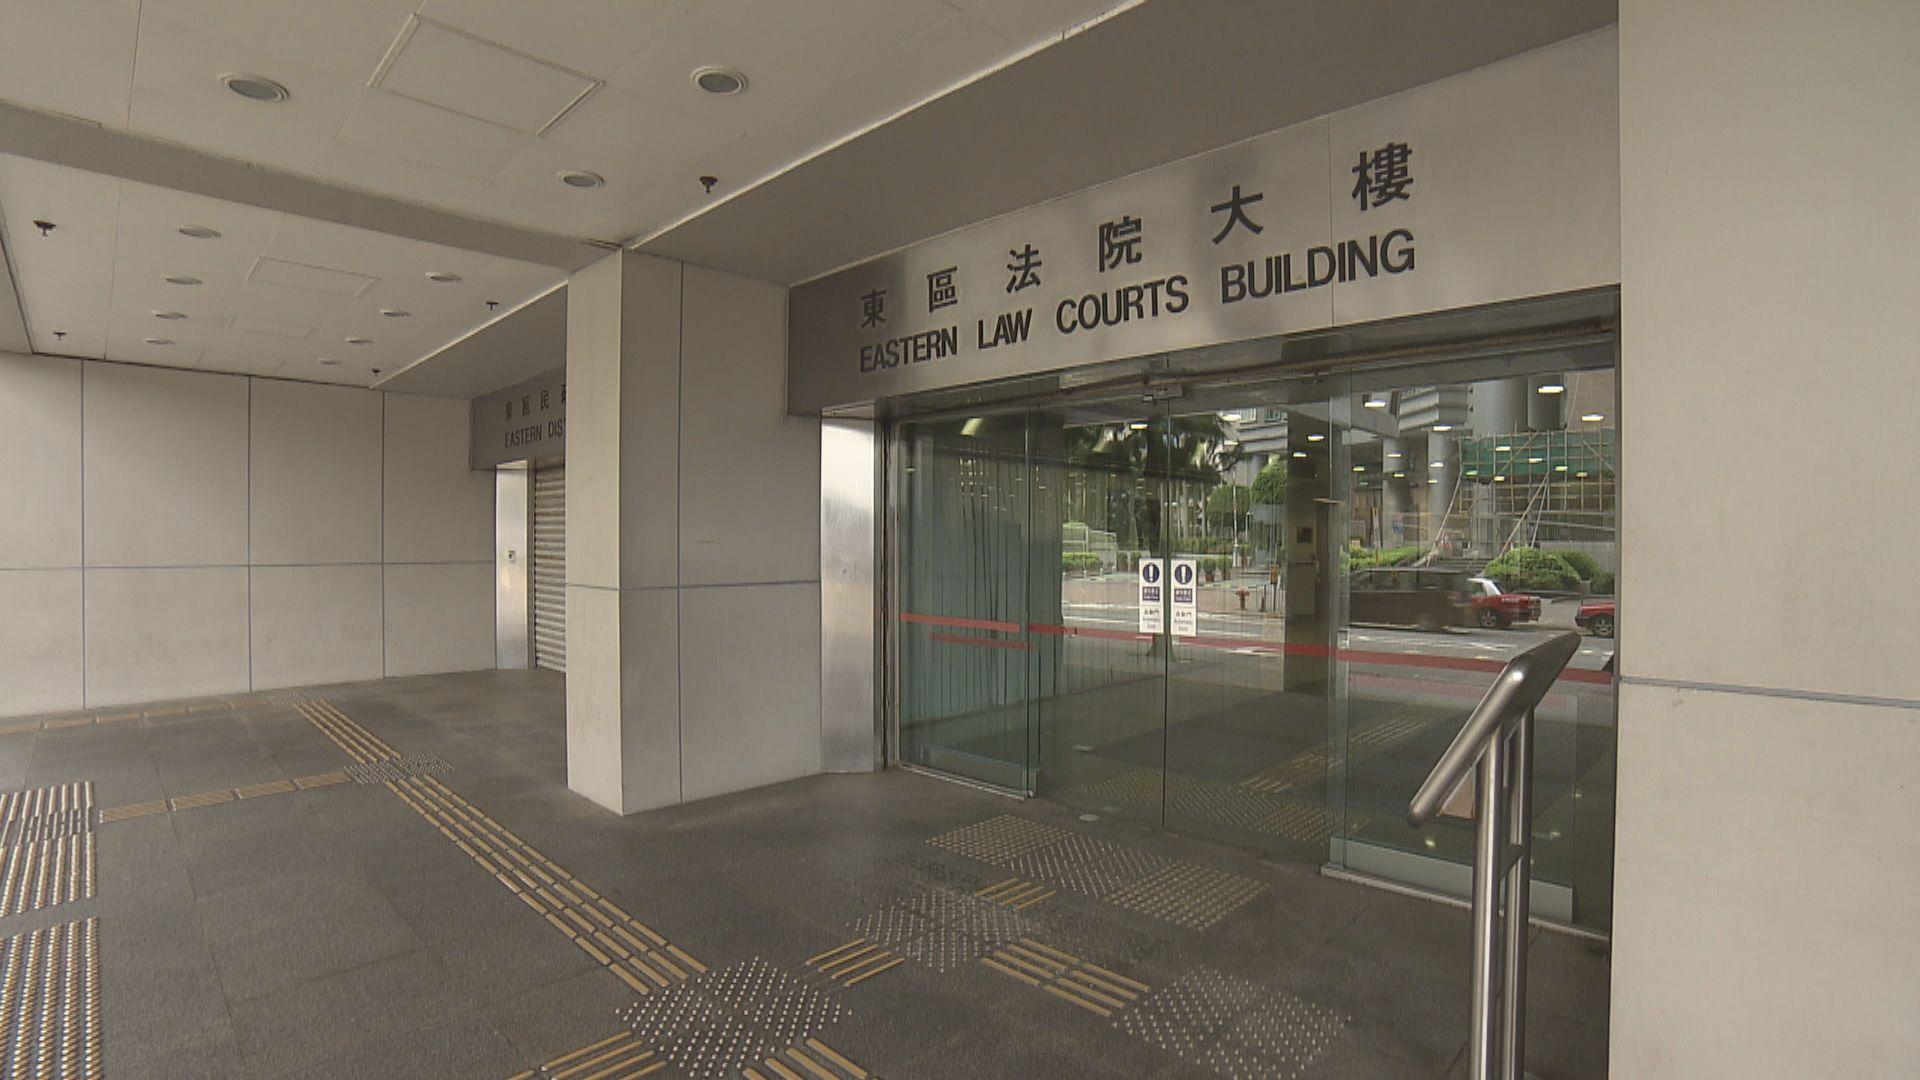 16歲少年涉去年推跌警員 本月25日判刑